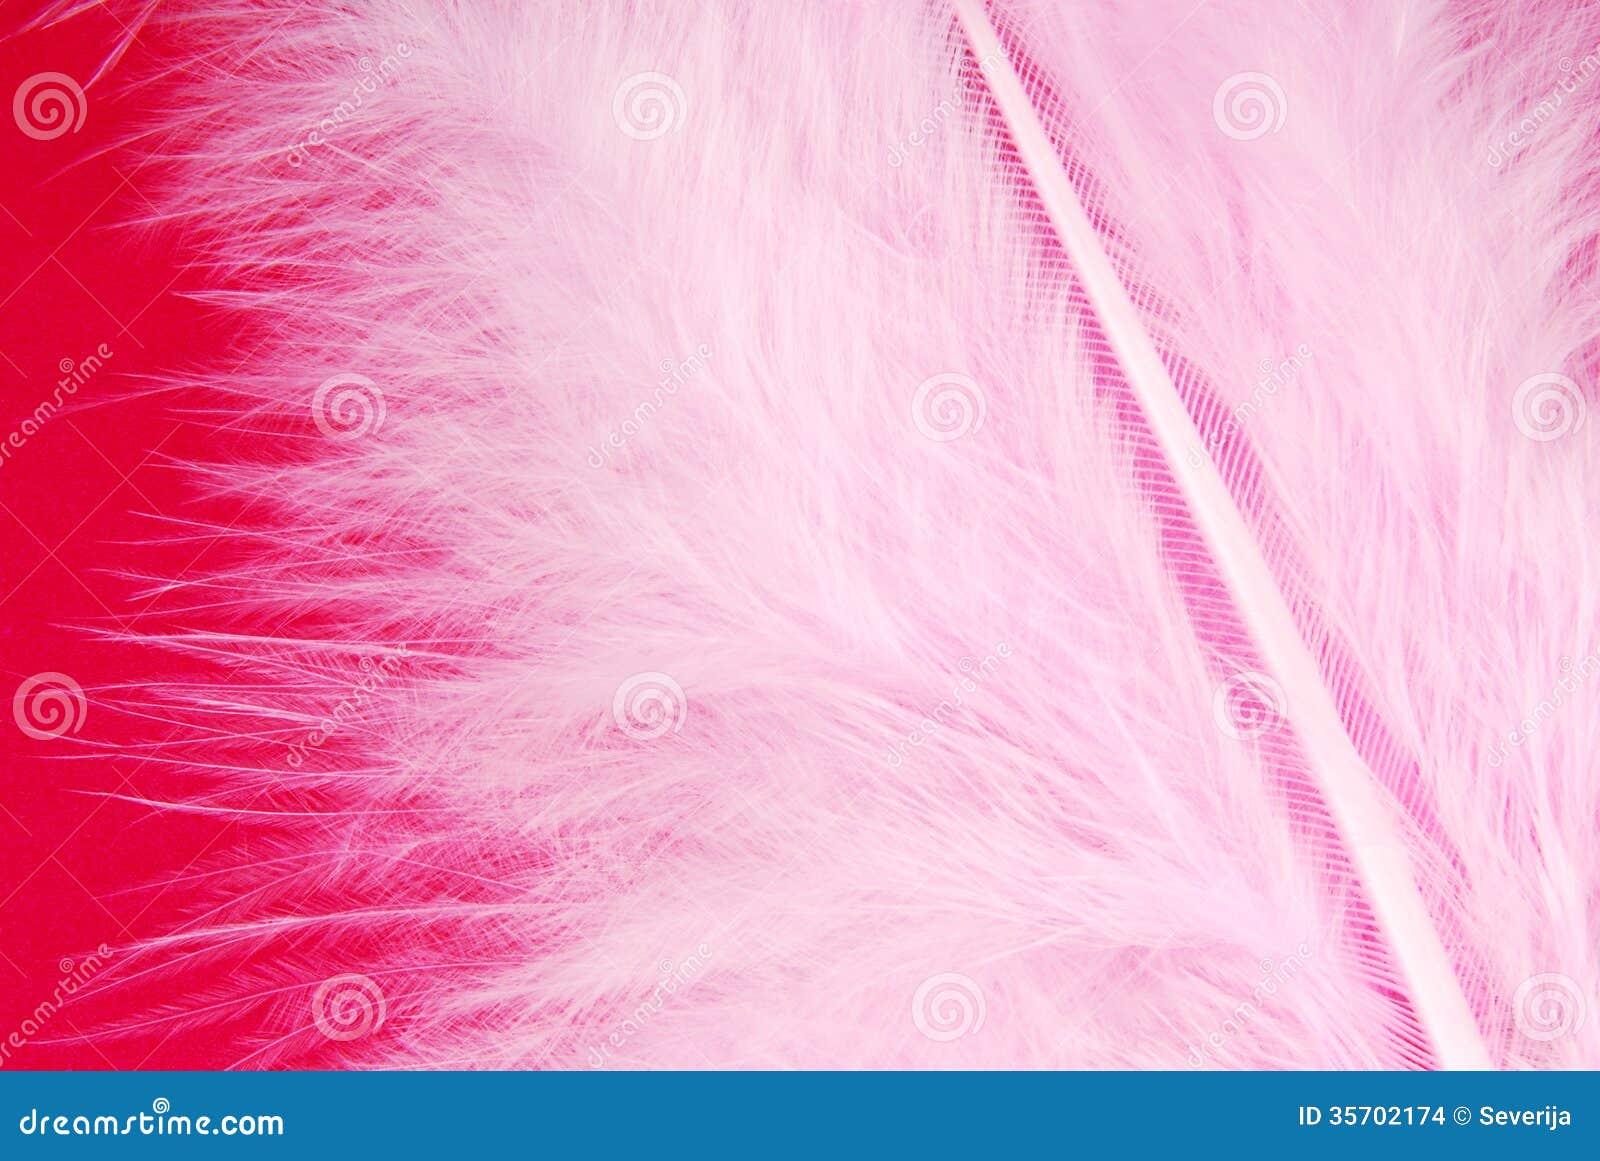 Różowa piórkowa upierzenie tekstura